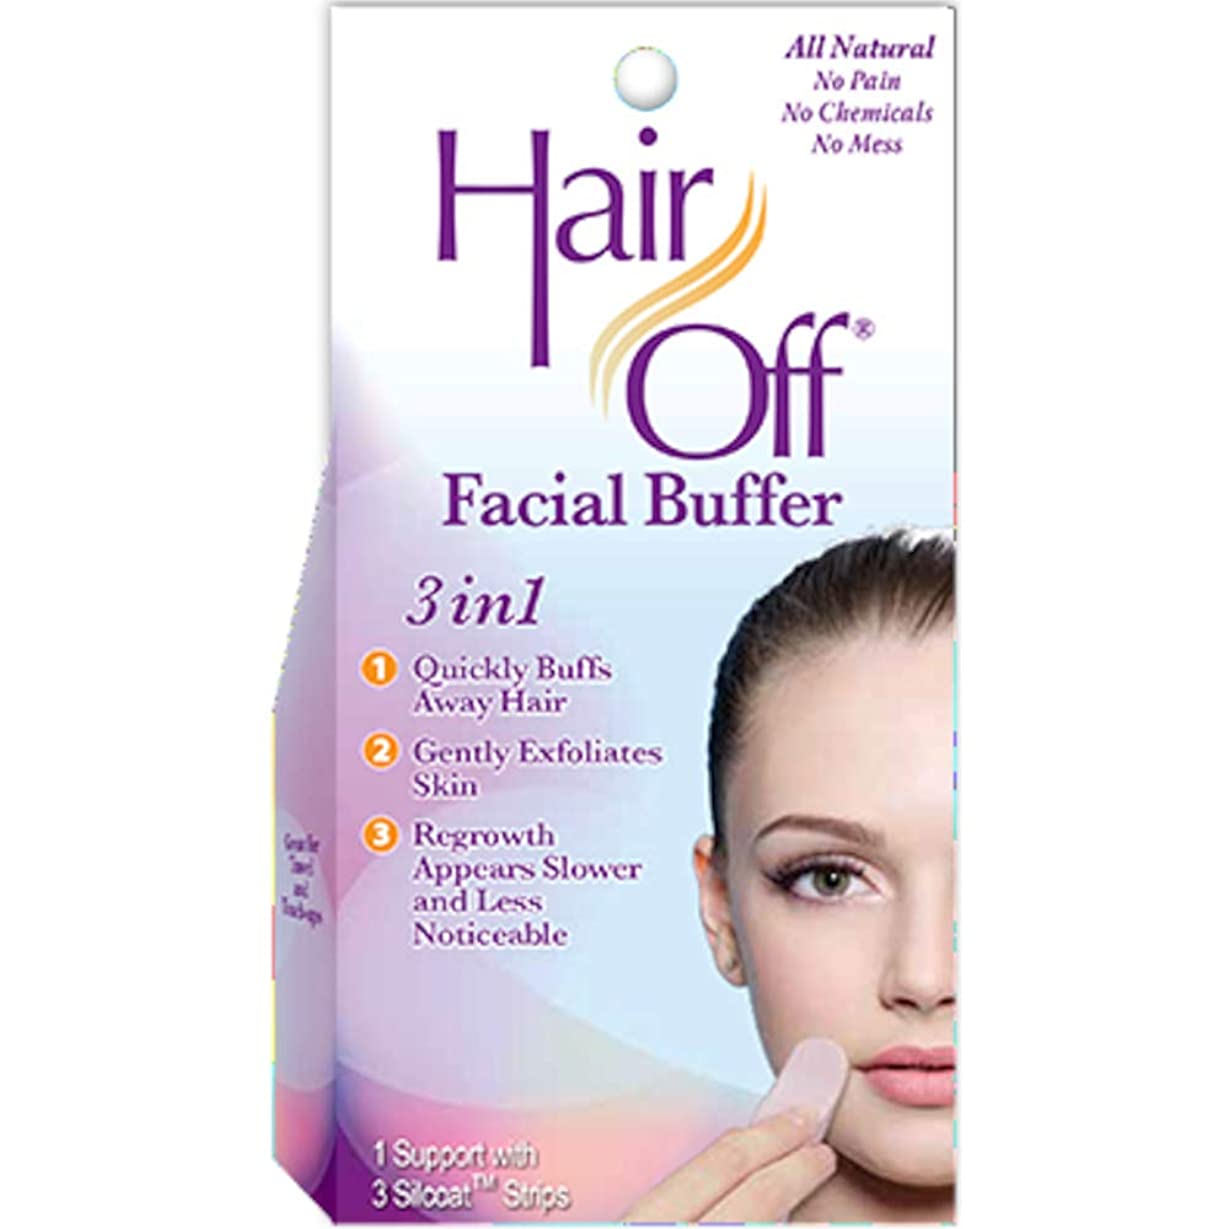 処方見込み可決Hair Off Hairoffフェイシャルバッファ3は、それぞれ(6パック)